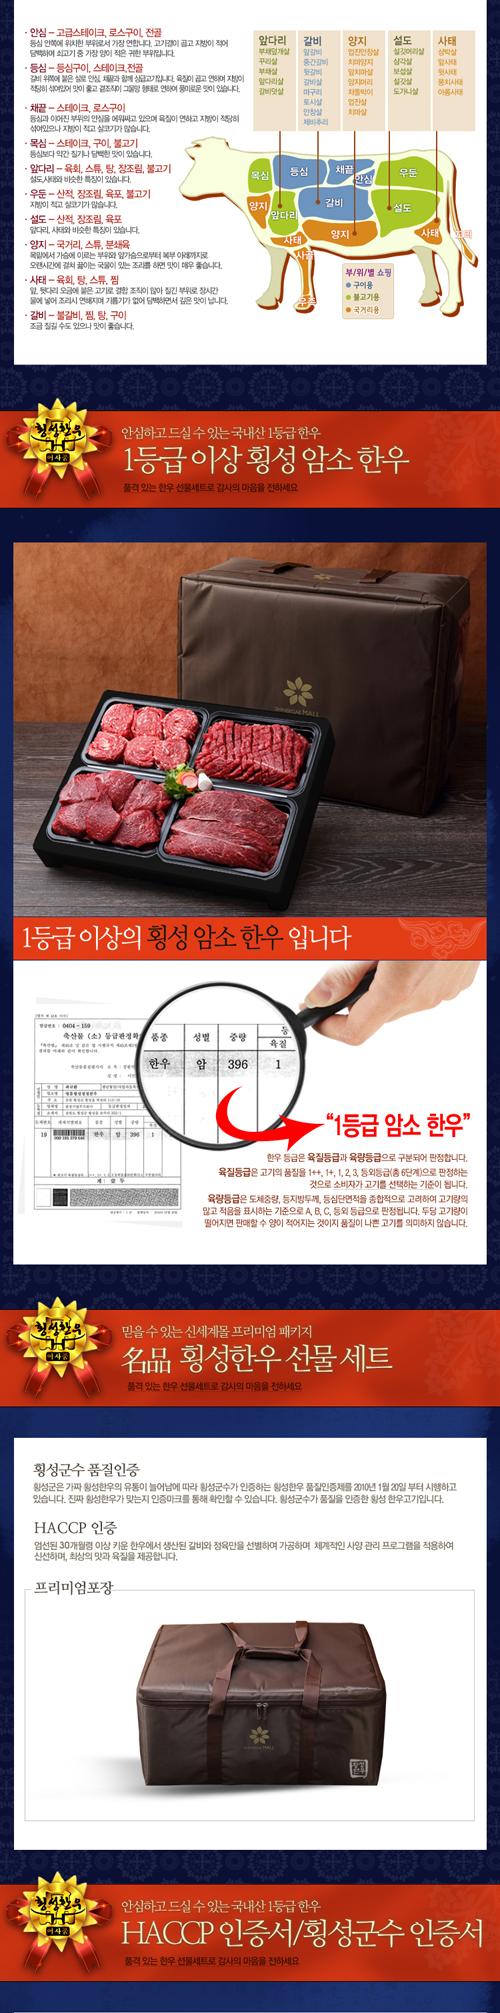 韓牛リス2